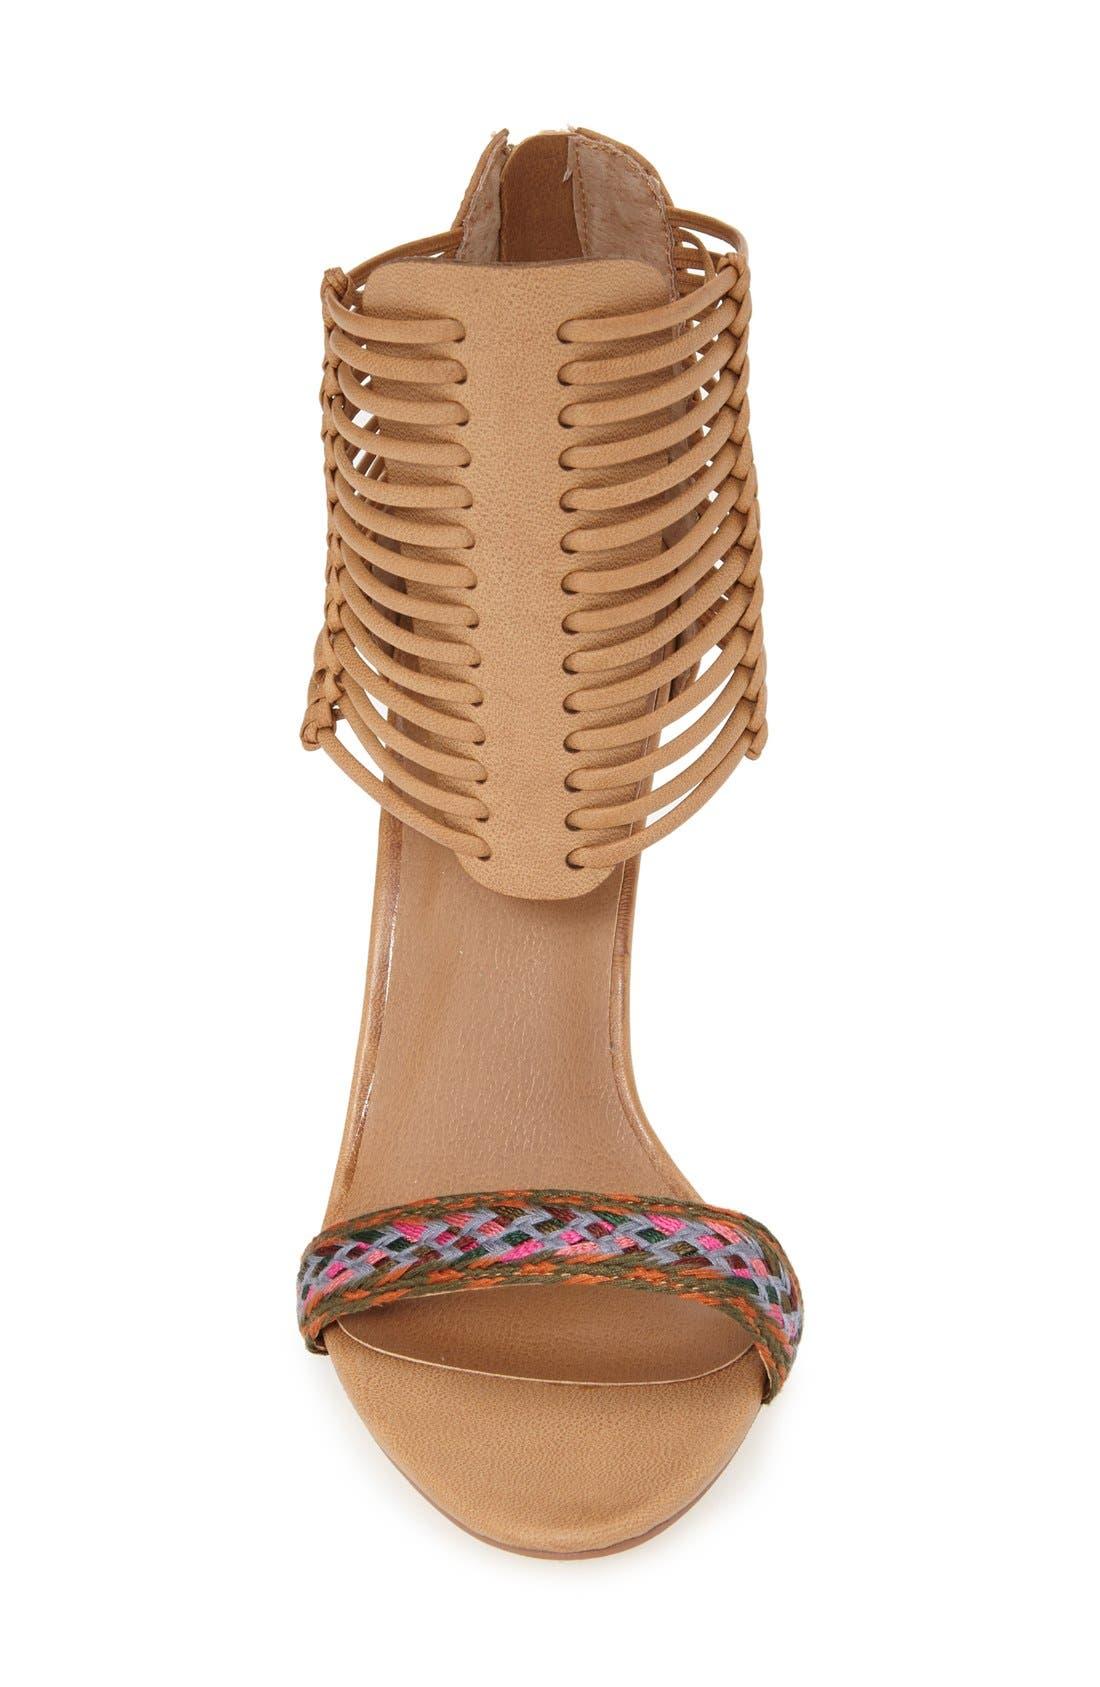 Alternate Image 3  - KENDALL + KYLIE Madden Girl 'Demie' Sandal (Women)